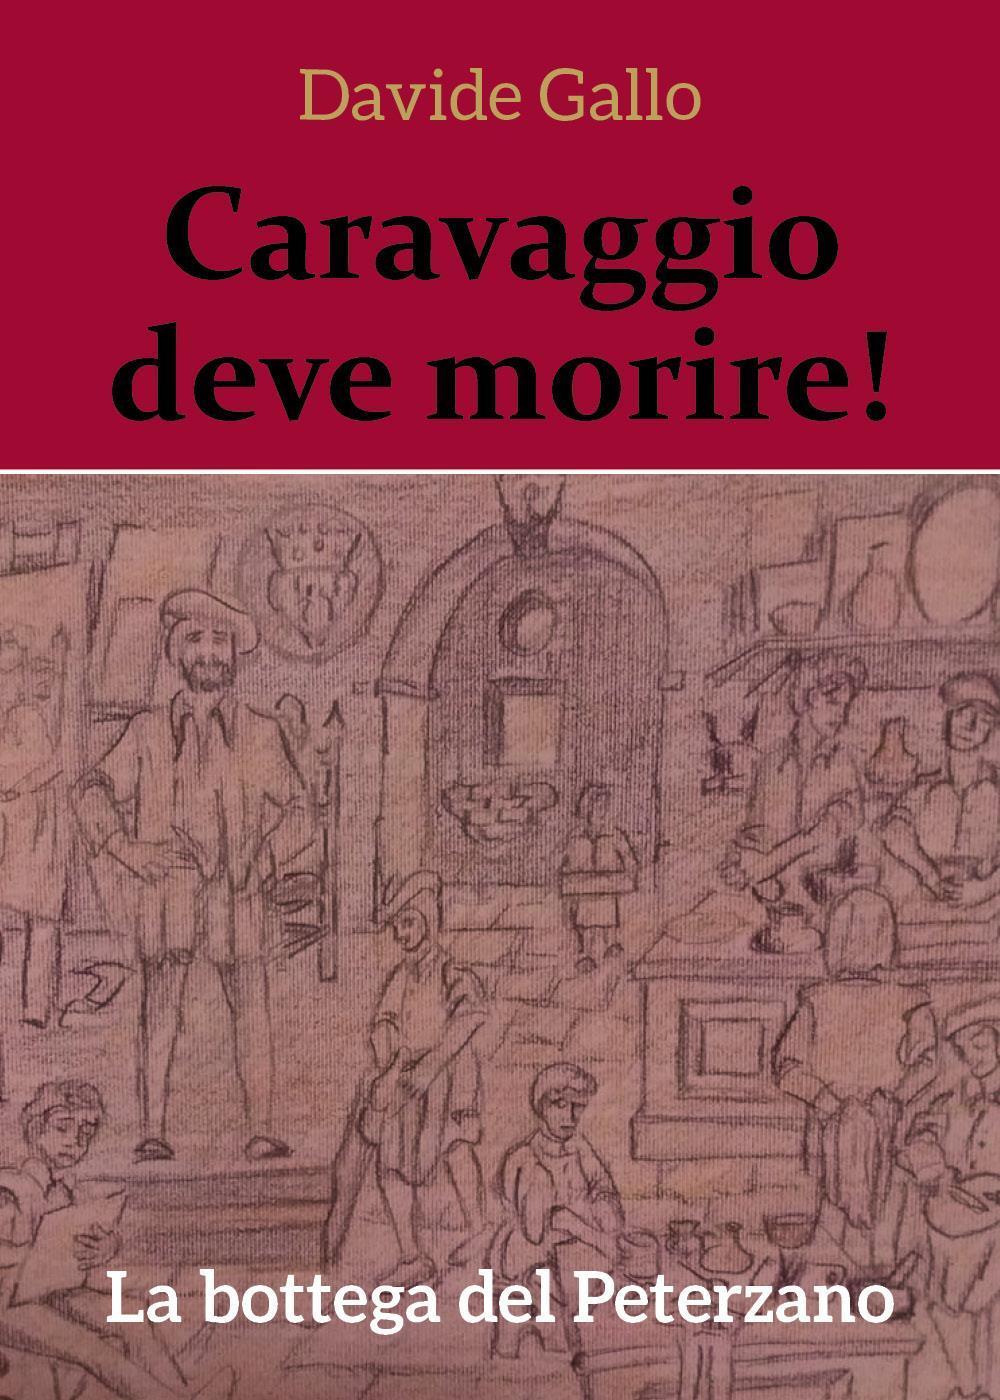 Caravaggio deve morire! La bottega del Peterzano